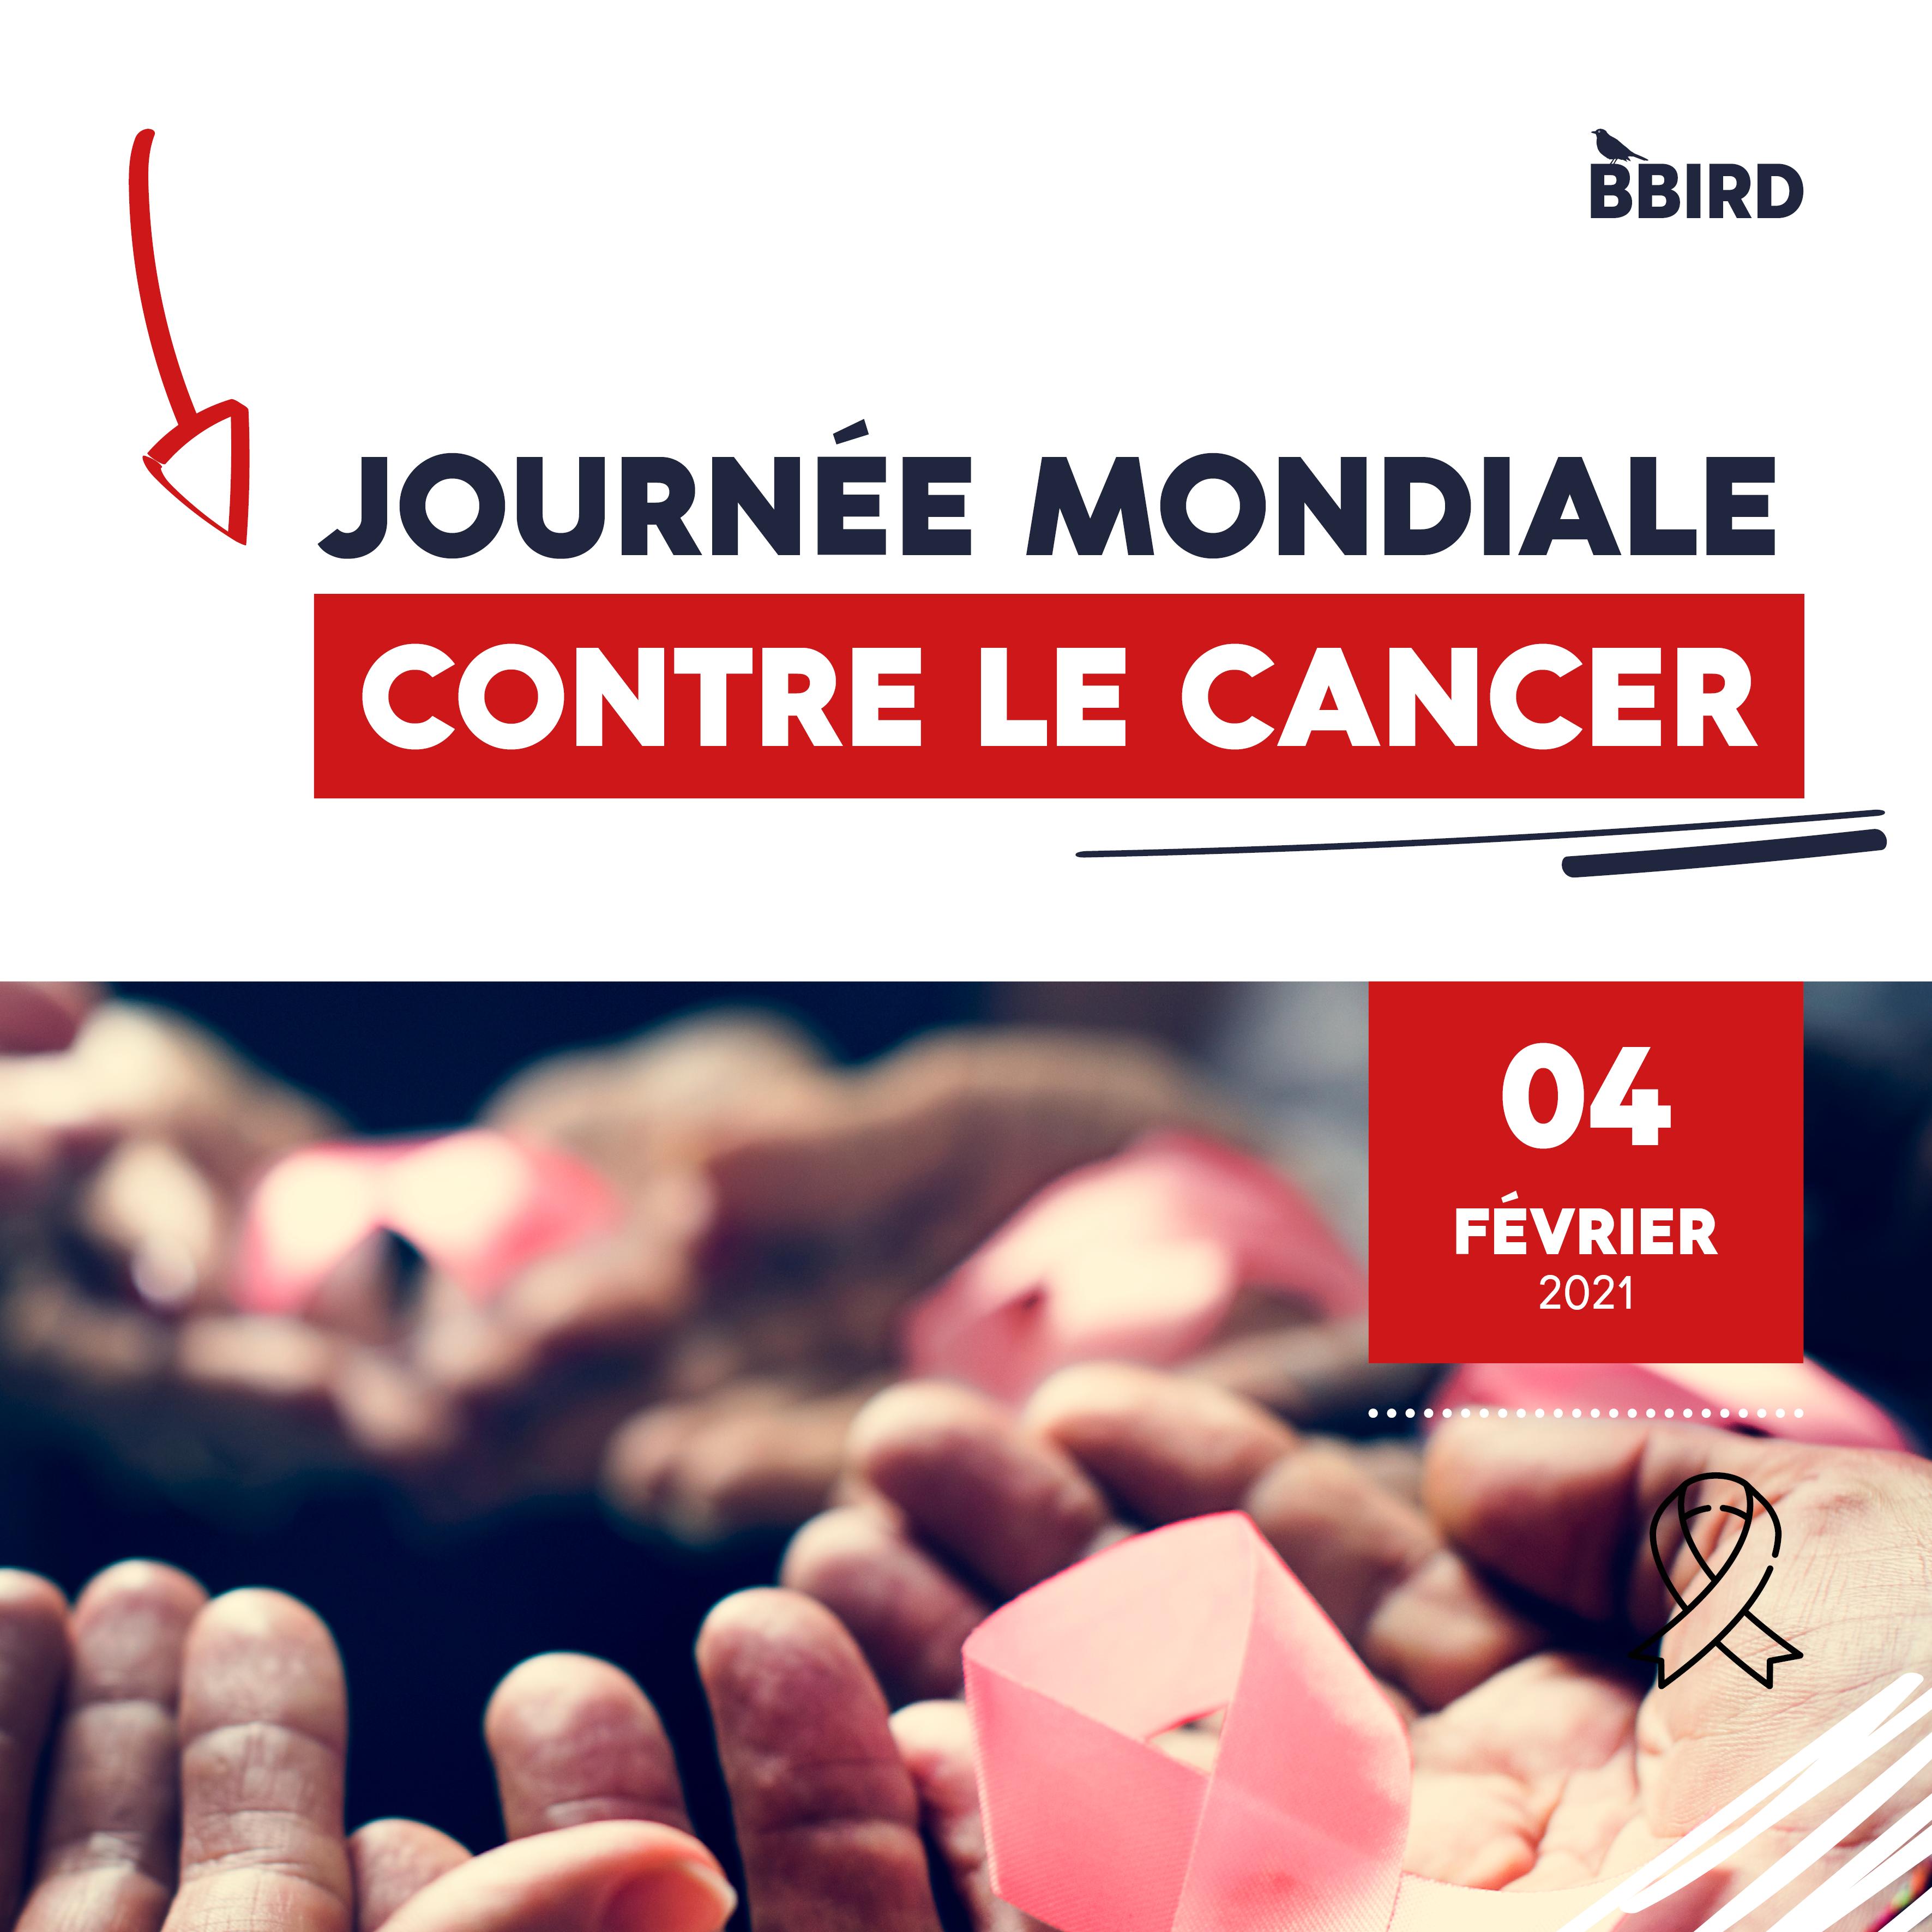 visuel de sensibilisation à la journée mondiale contre le cancer